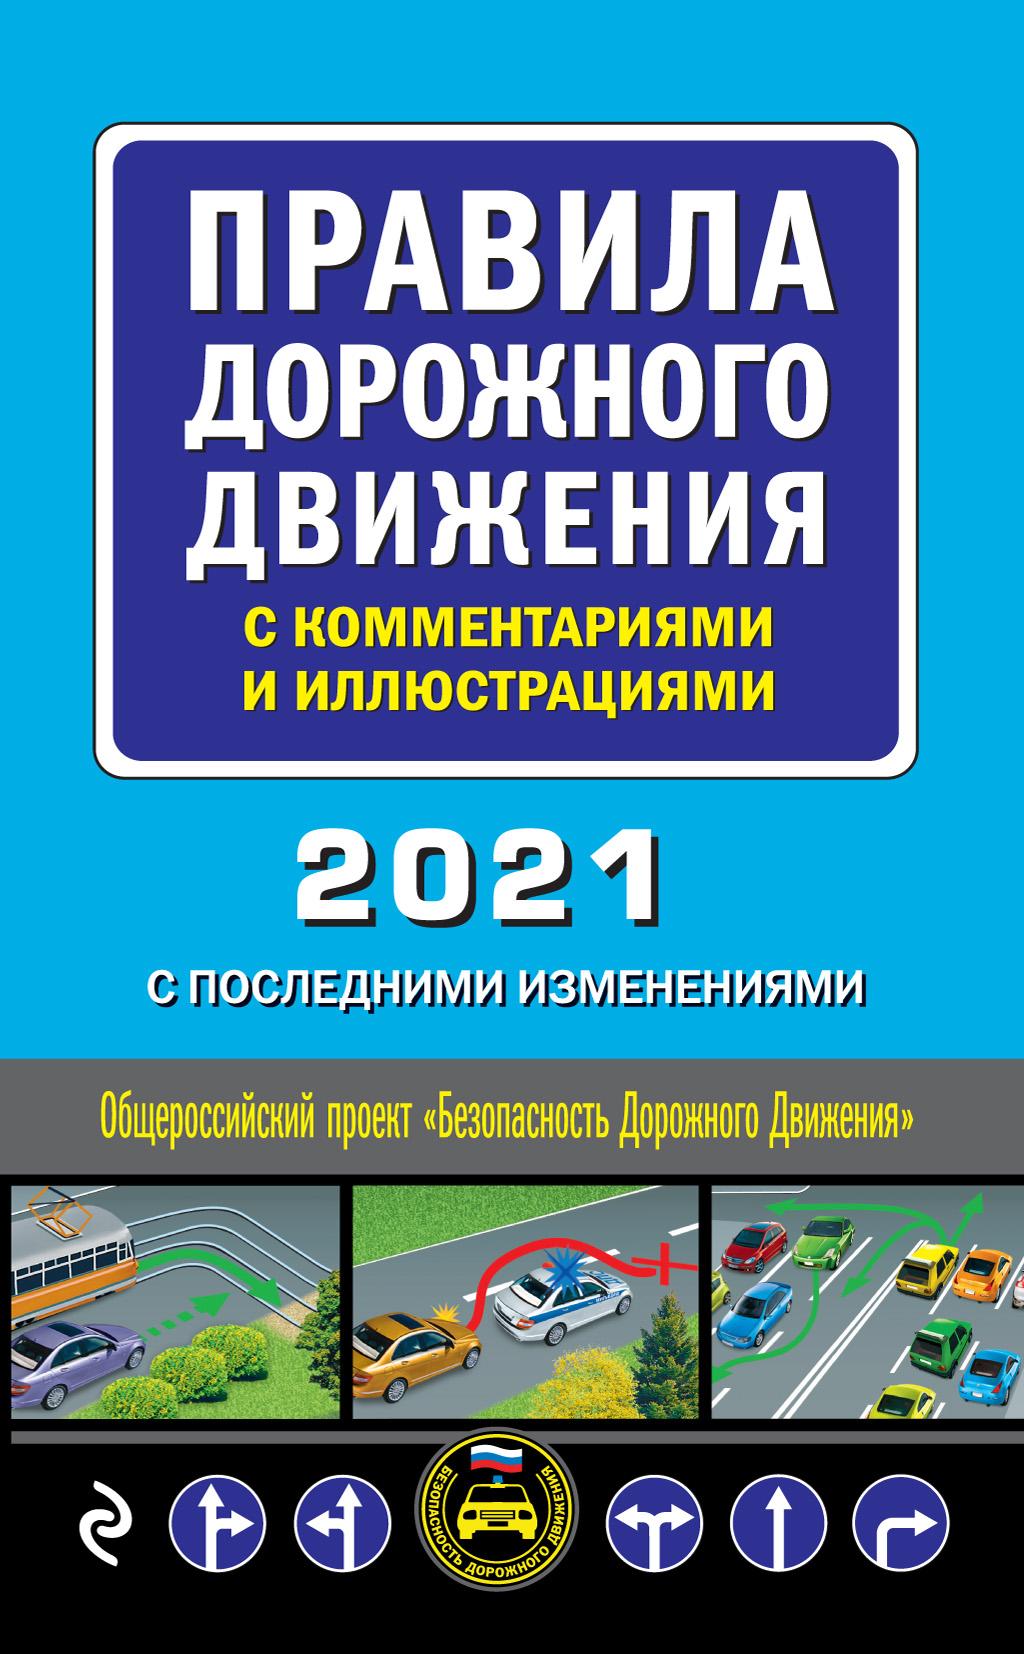 Отсутствует Правила дорожного движения с комментариями и иллюстрациями. С последними изменениями на 2019 год семенов и учебник по устройству легкового автомобиля с цветными иллюстрациями